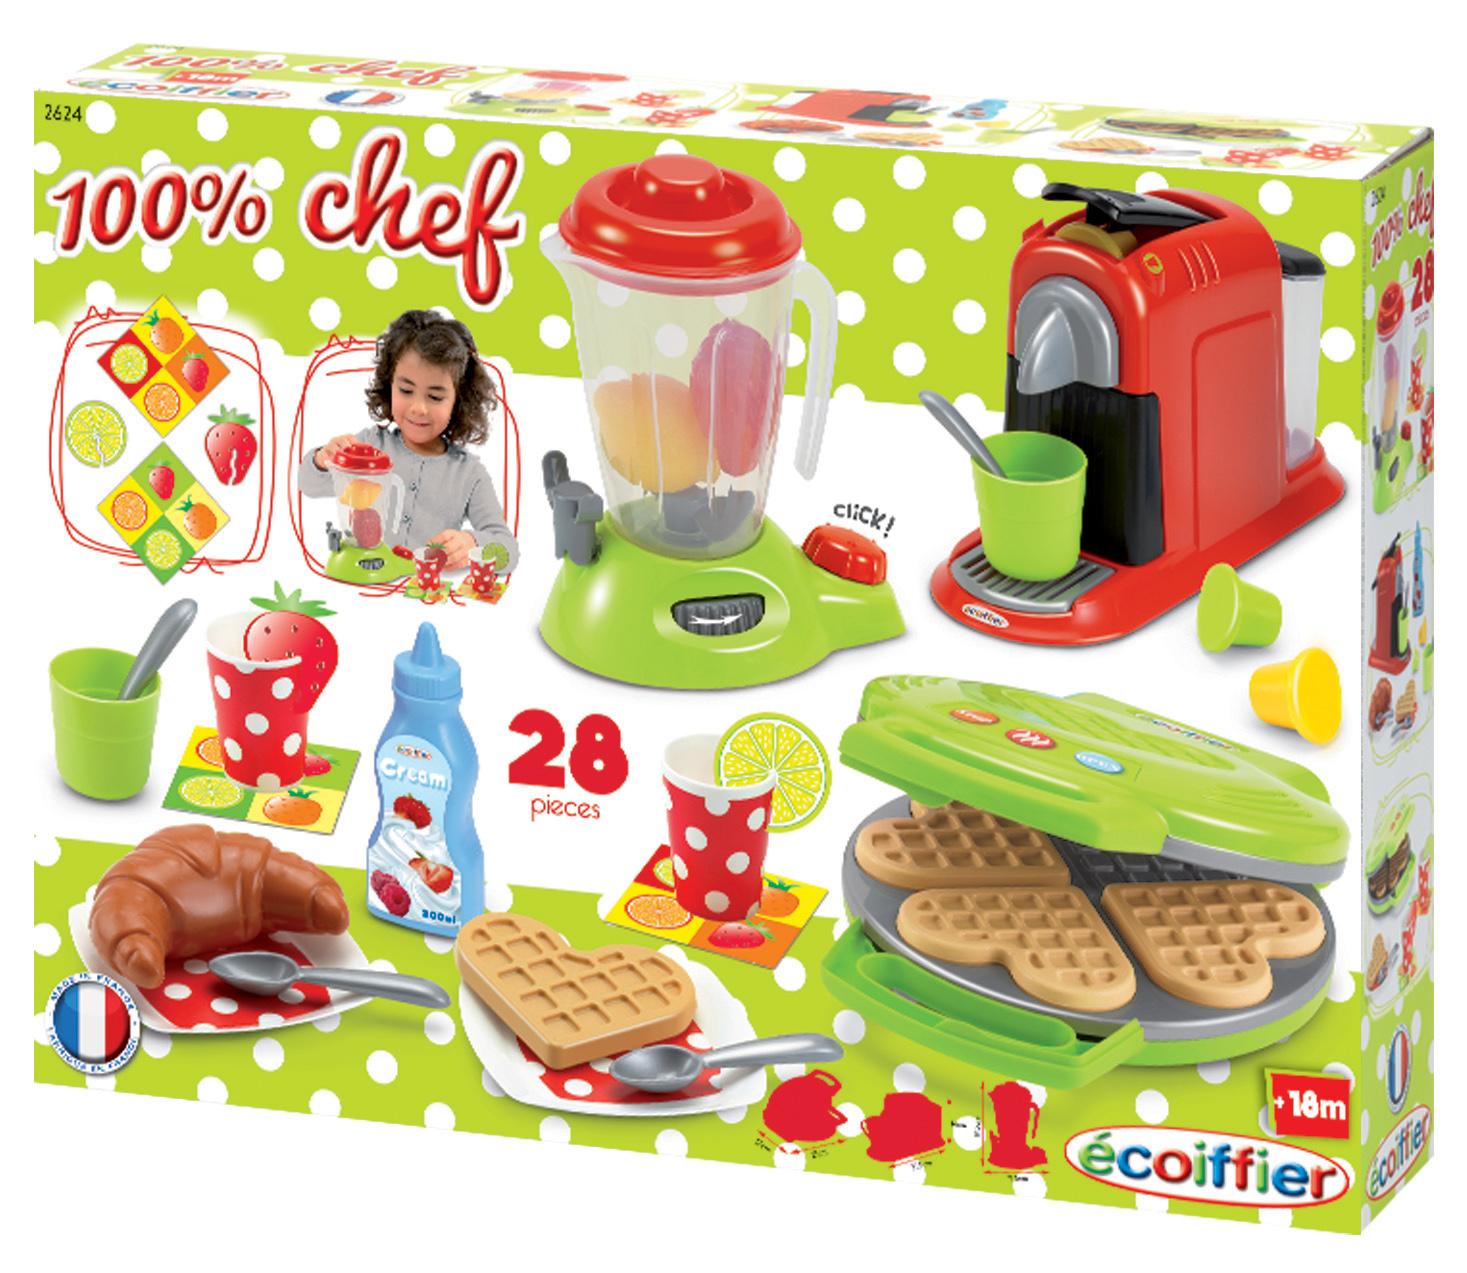 Dětský vaflovač s mixérem, kávovarem a vaflemi